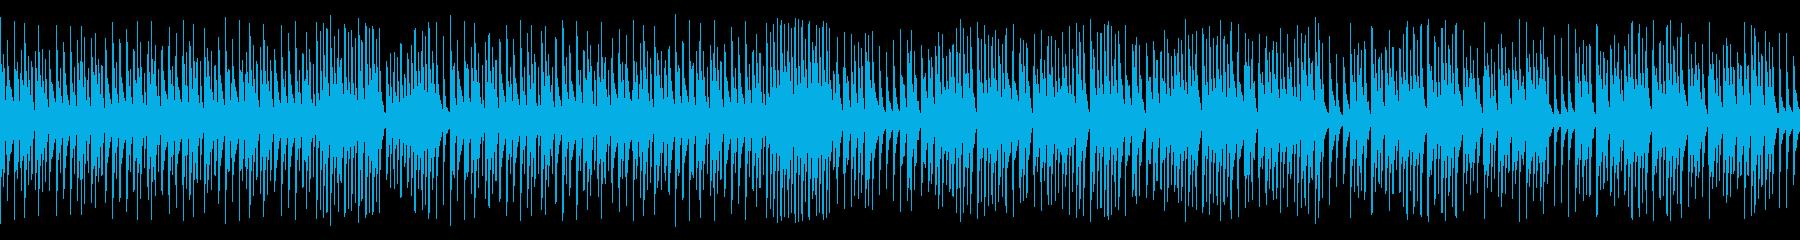 木琴でハッピー高速オールドジャズ(ループの再生済みの波形